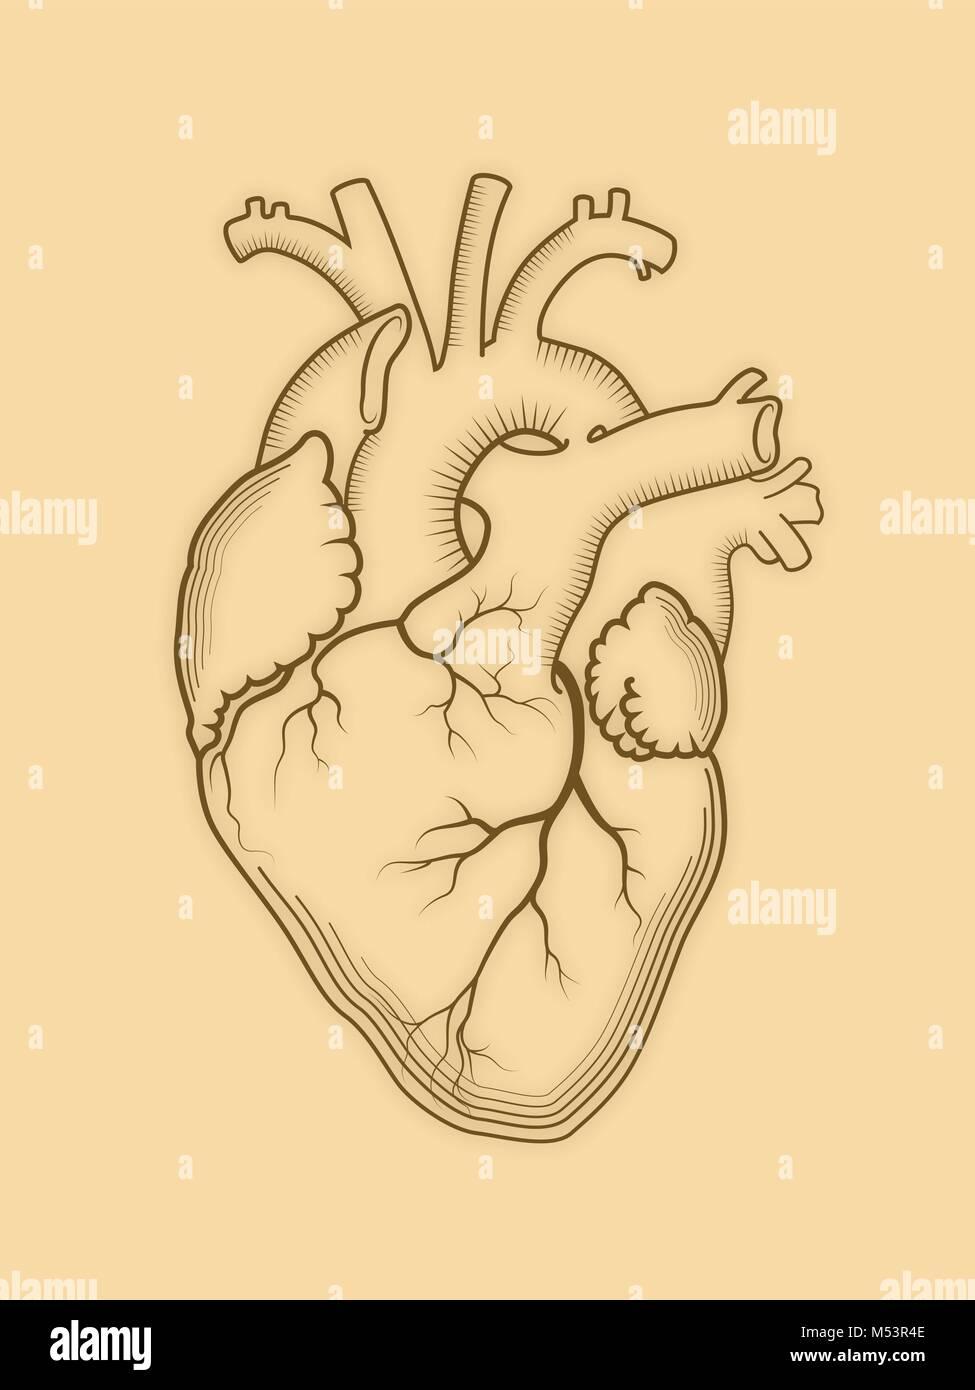 Asombroso Diagrama De Colocación De órganos Humanos Inspiración ...